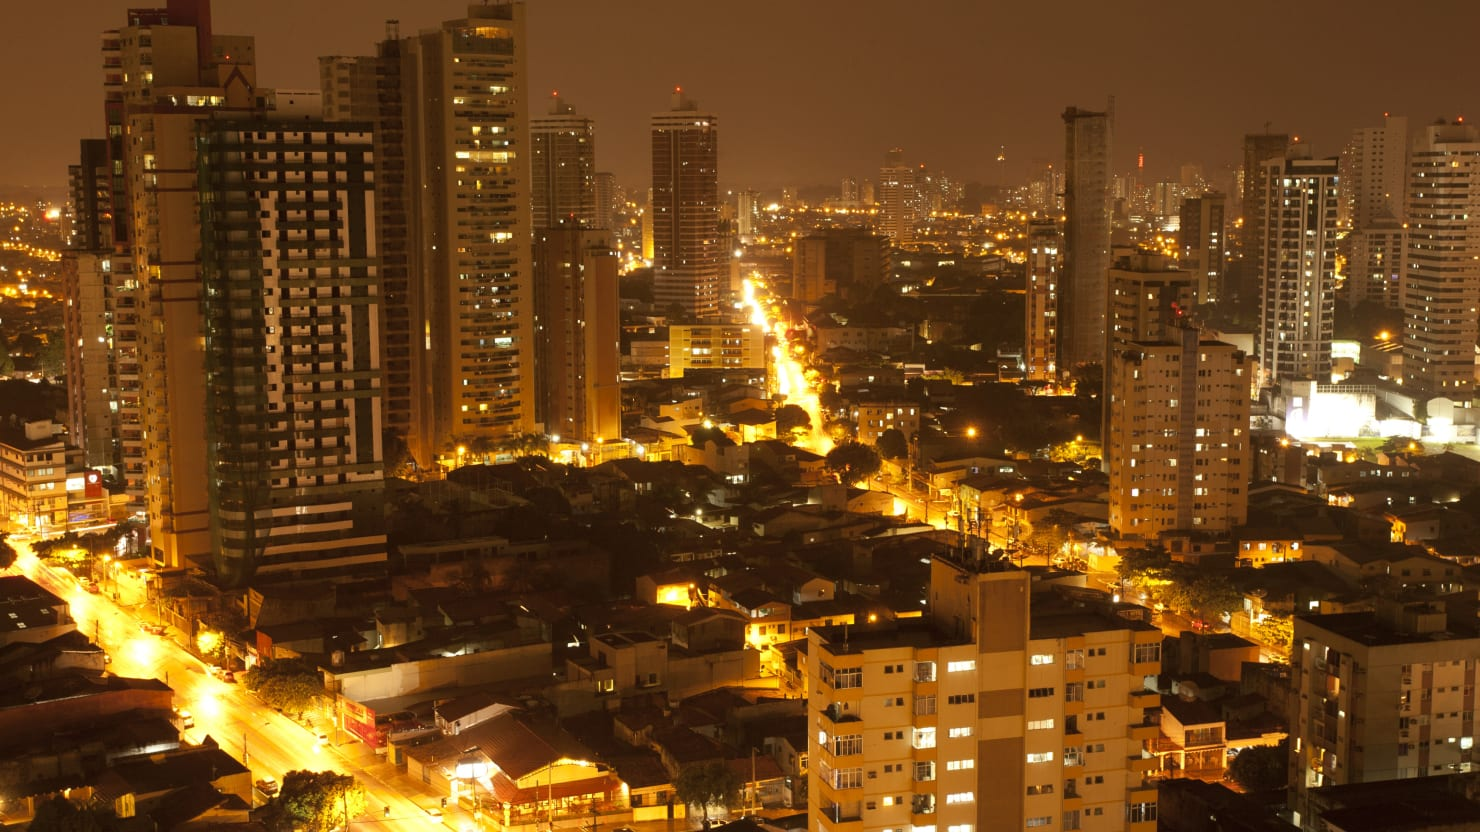 11 Killed in Brazil Bar Massacre